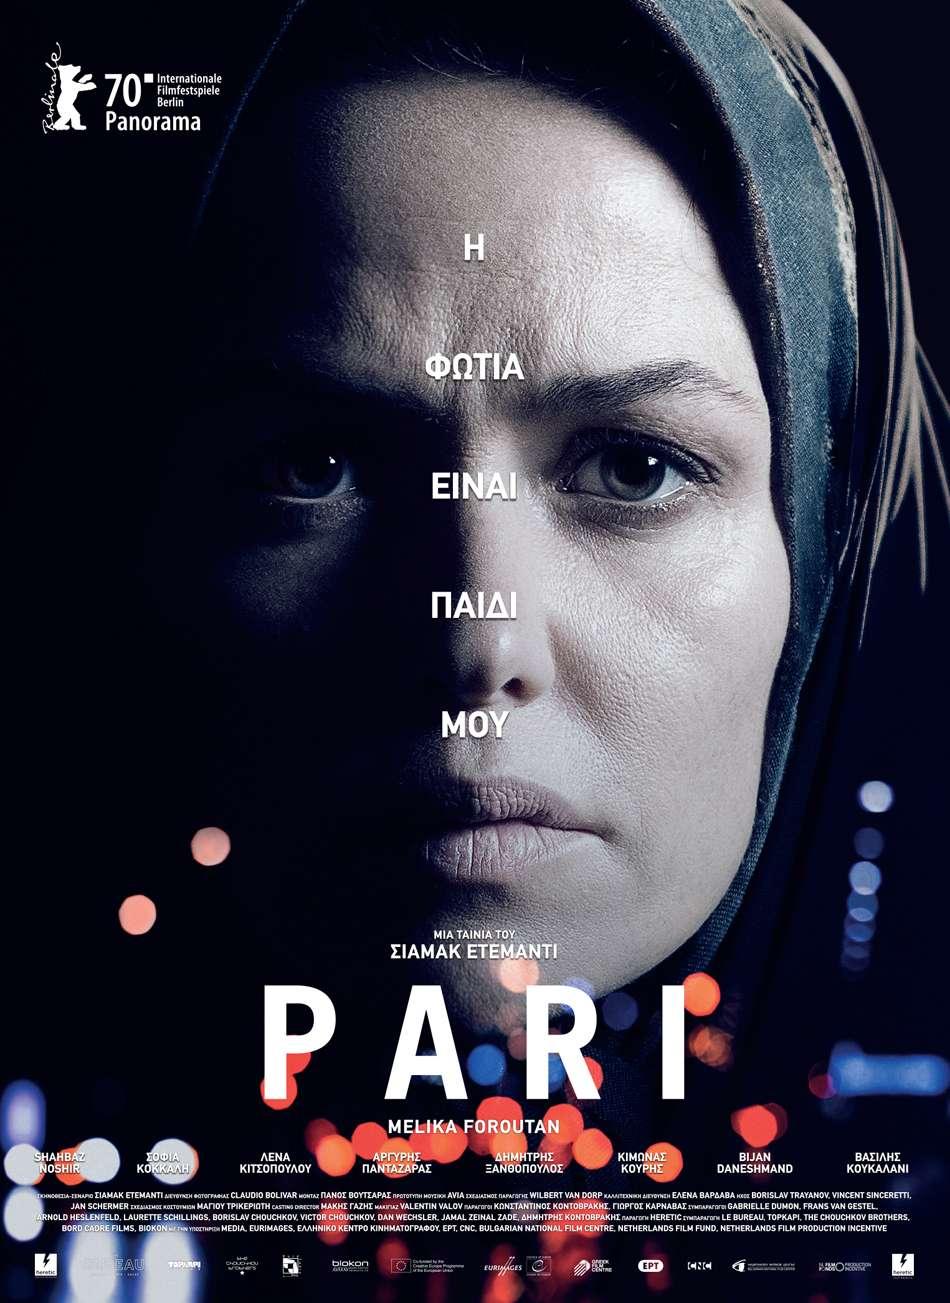 Παρί (Pari) Poster